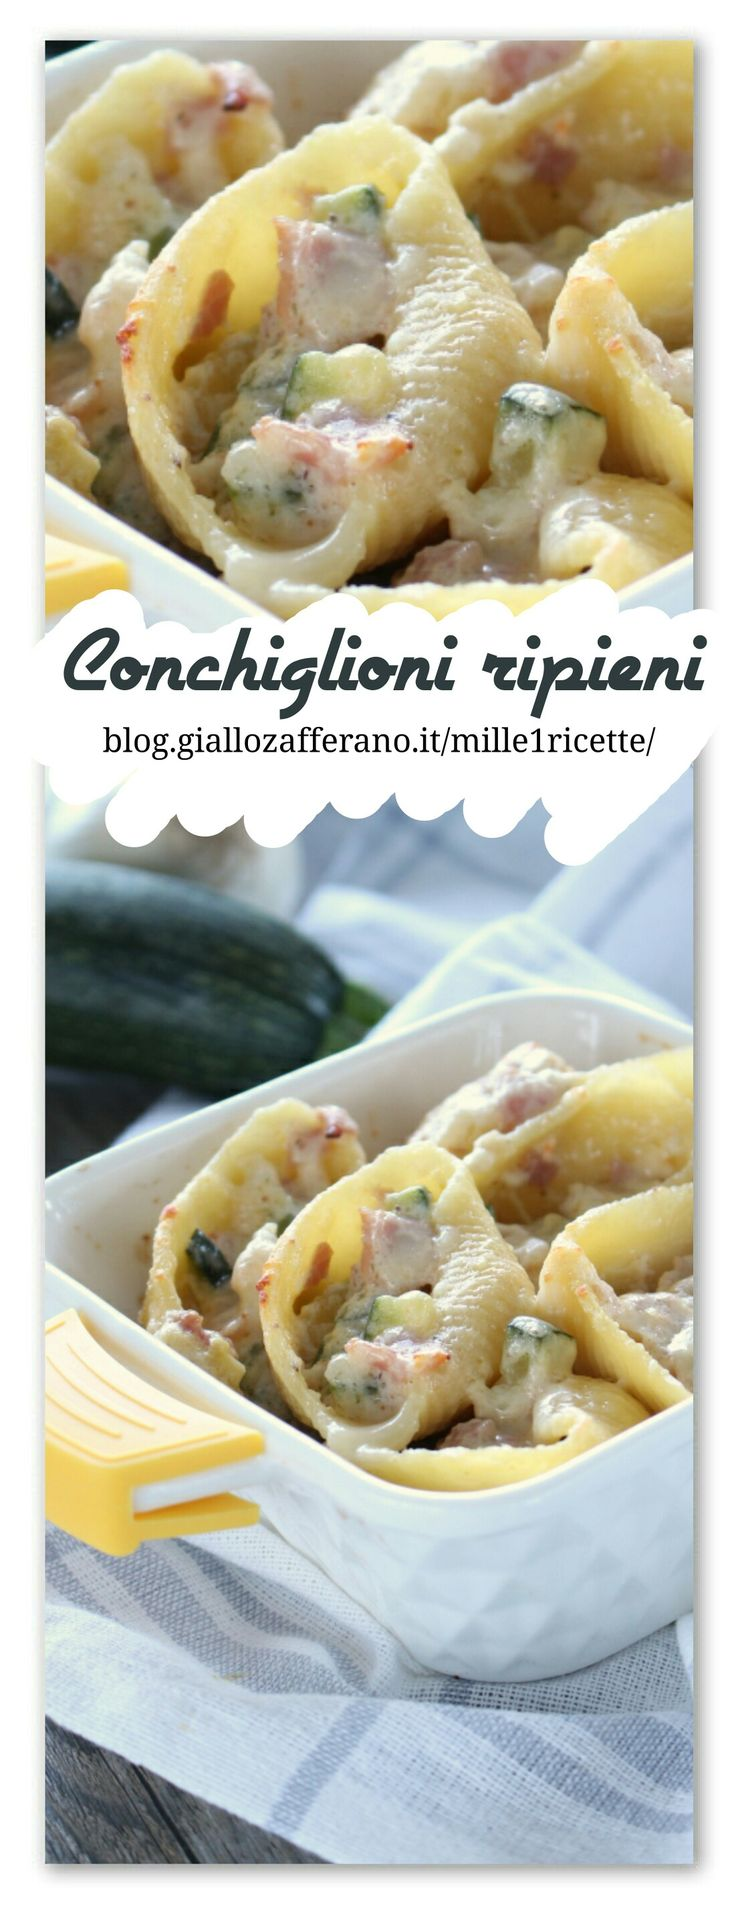 I Conchiglioni gratinati con zucchina, prosciutto e besciamella, è un primo che amo, perchè amo follemente la pasta a forno, condimenti semplici arricchita da besciamella, e una bella gratinatura...